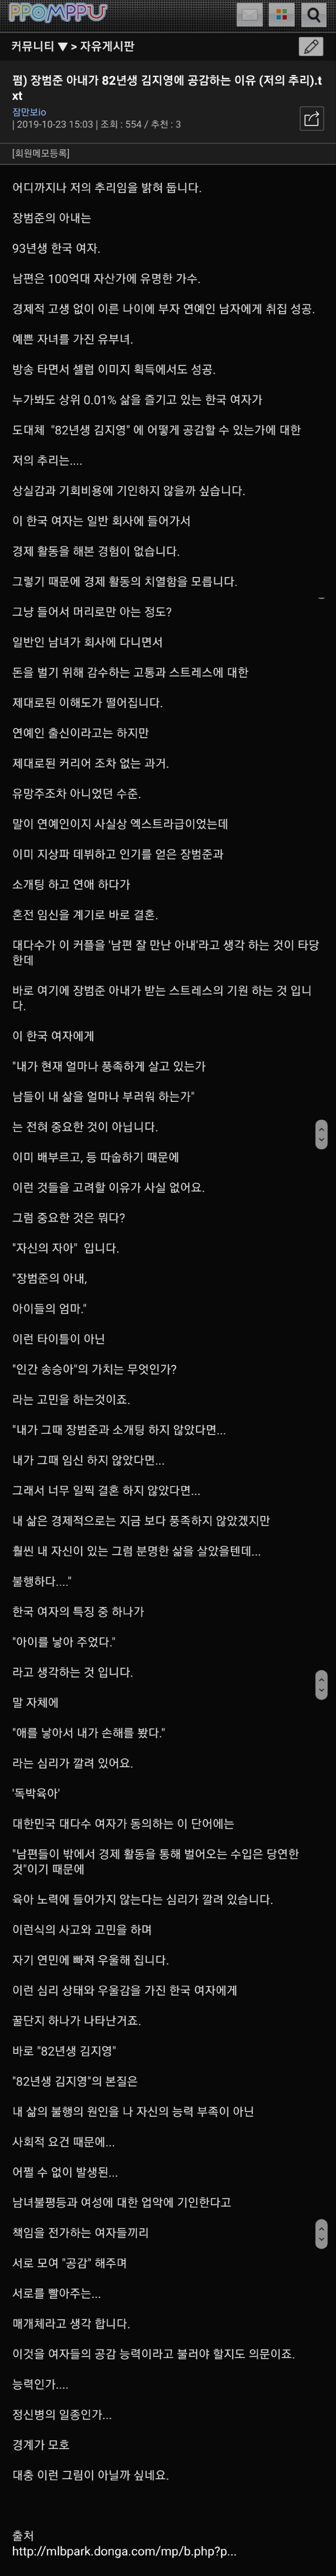 장범준 아내가 82년생 김지영에 공감하는 이유.txt | 인스티즈